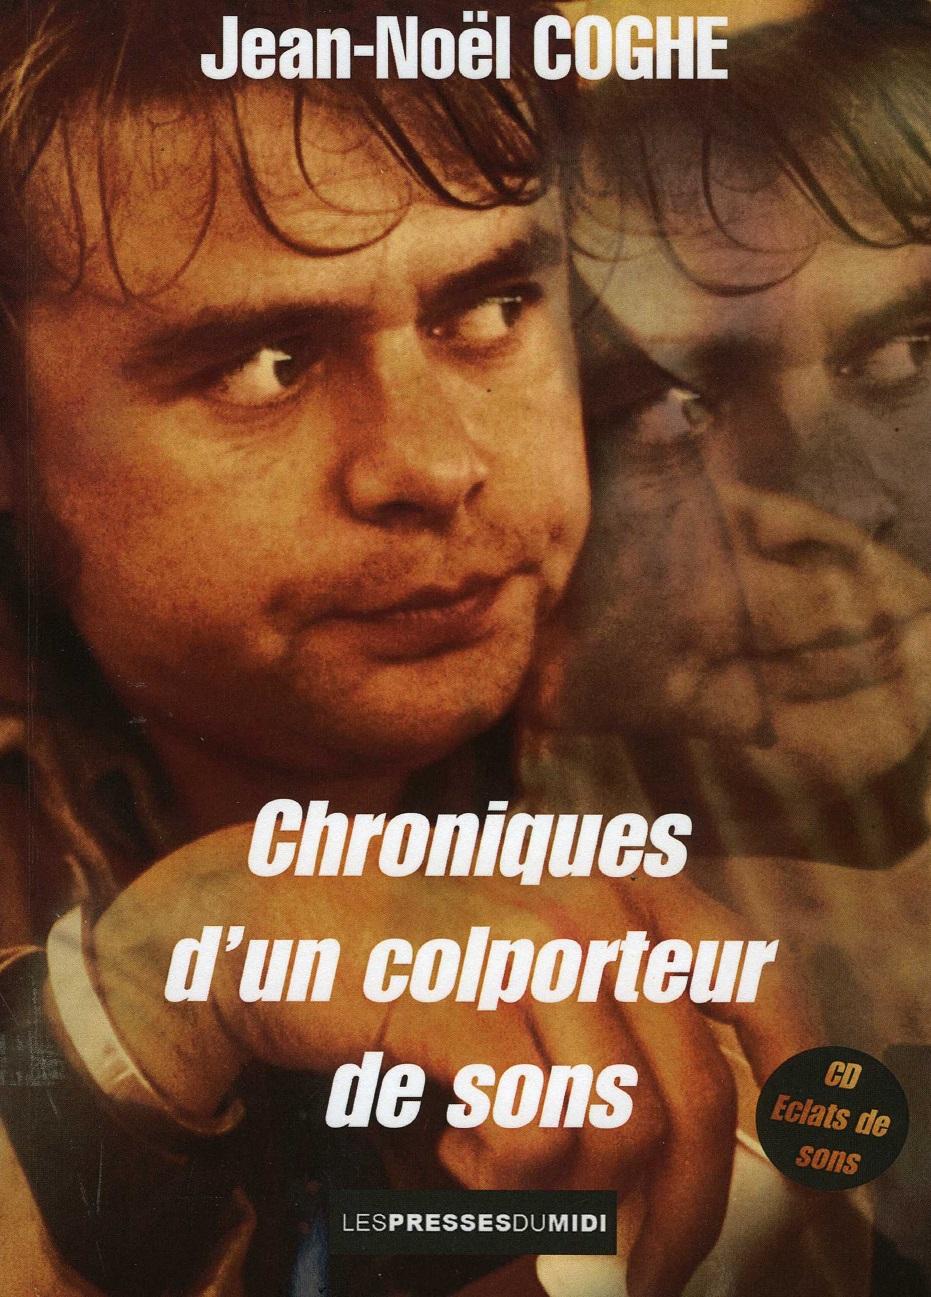 Jean-Noël Coghe - Chroniques d'un colporteur de sons (2016) 9782812707667